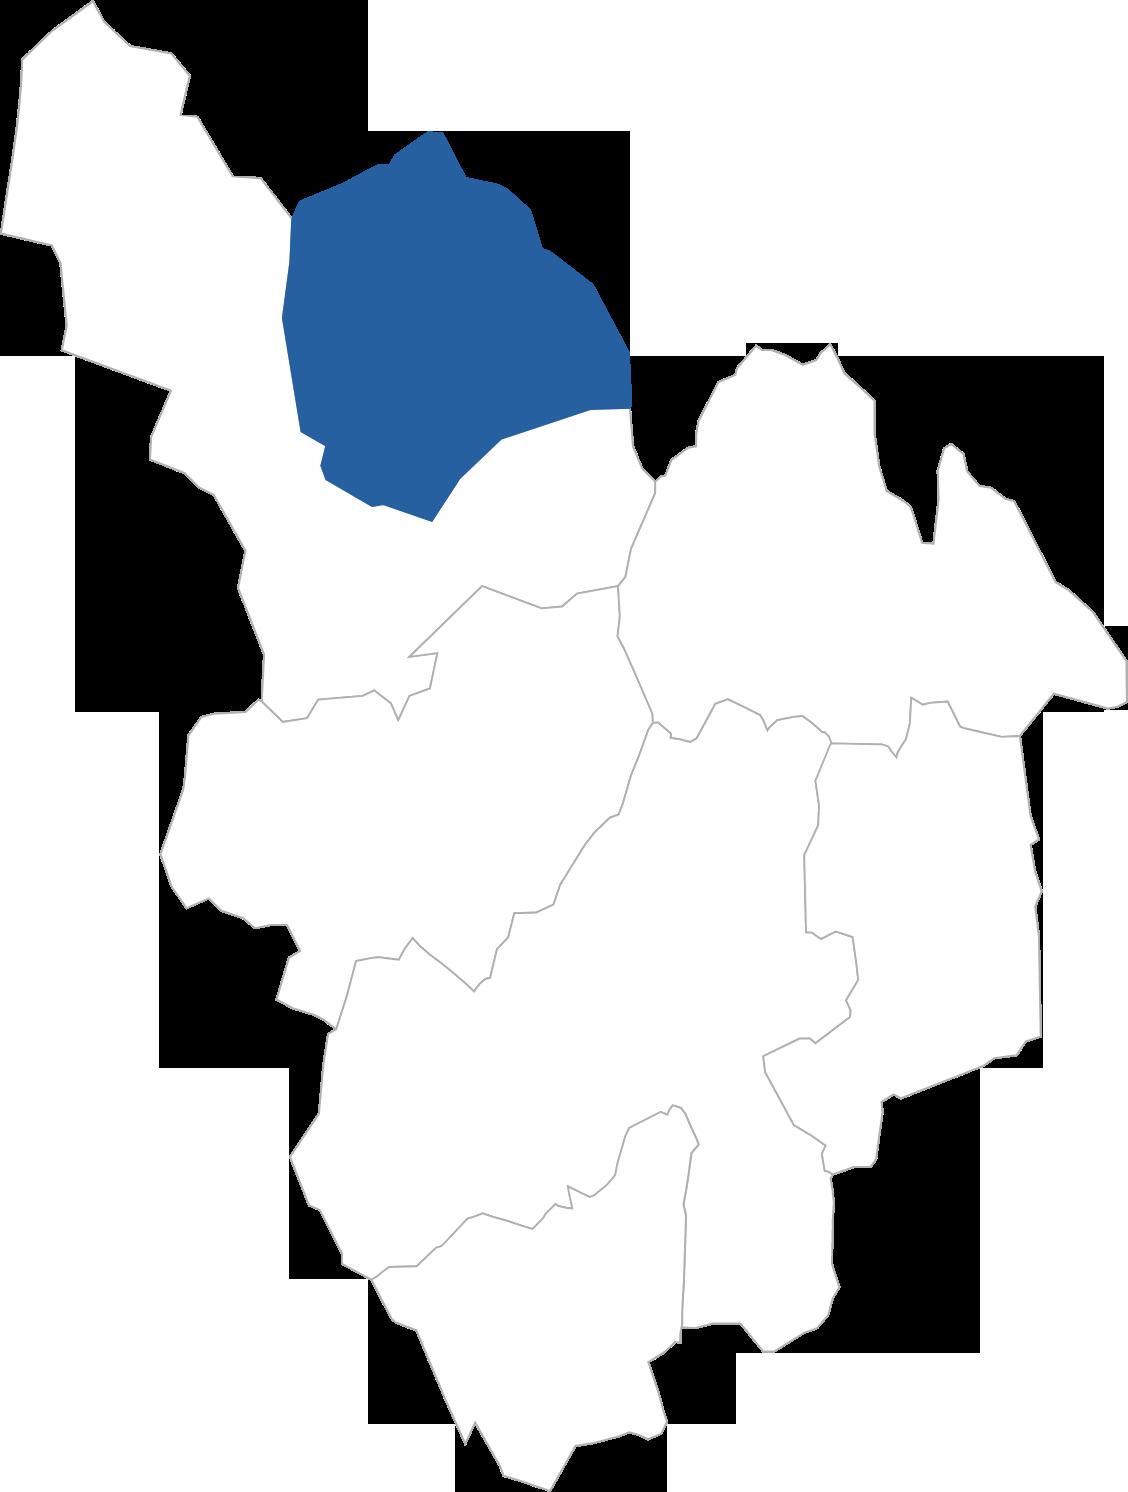 高鷲町の位置